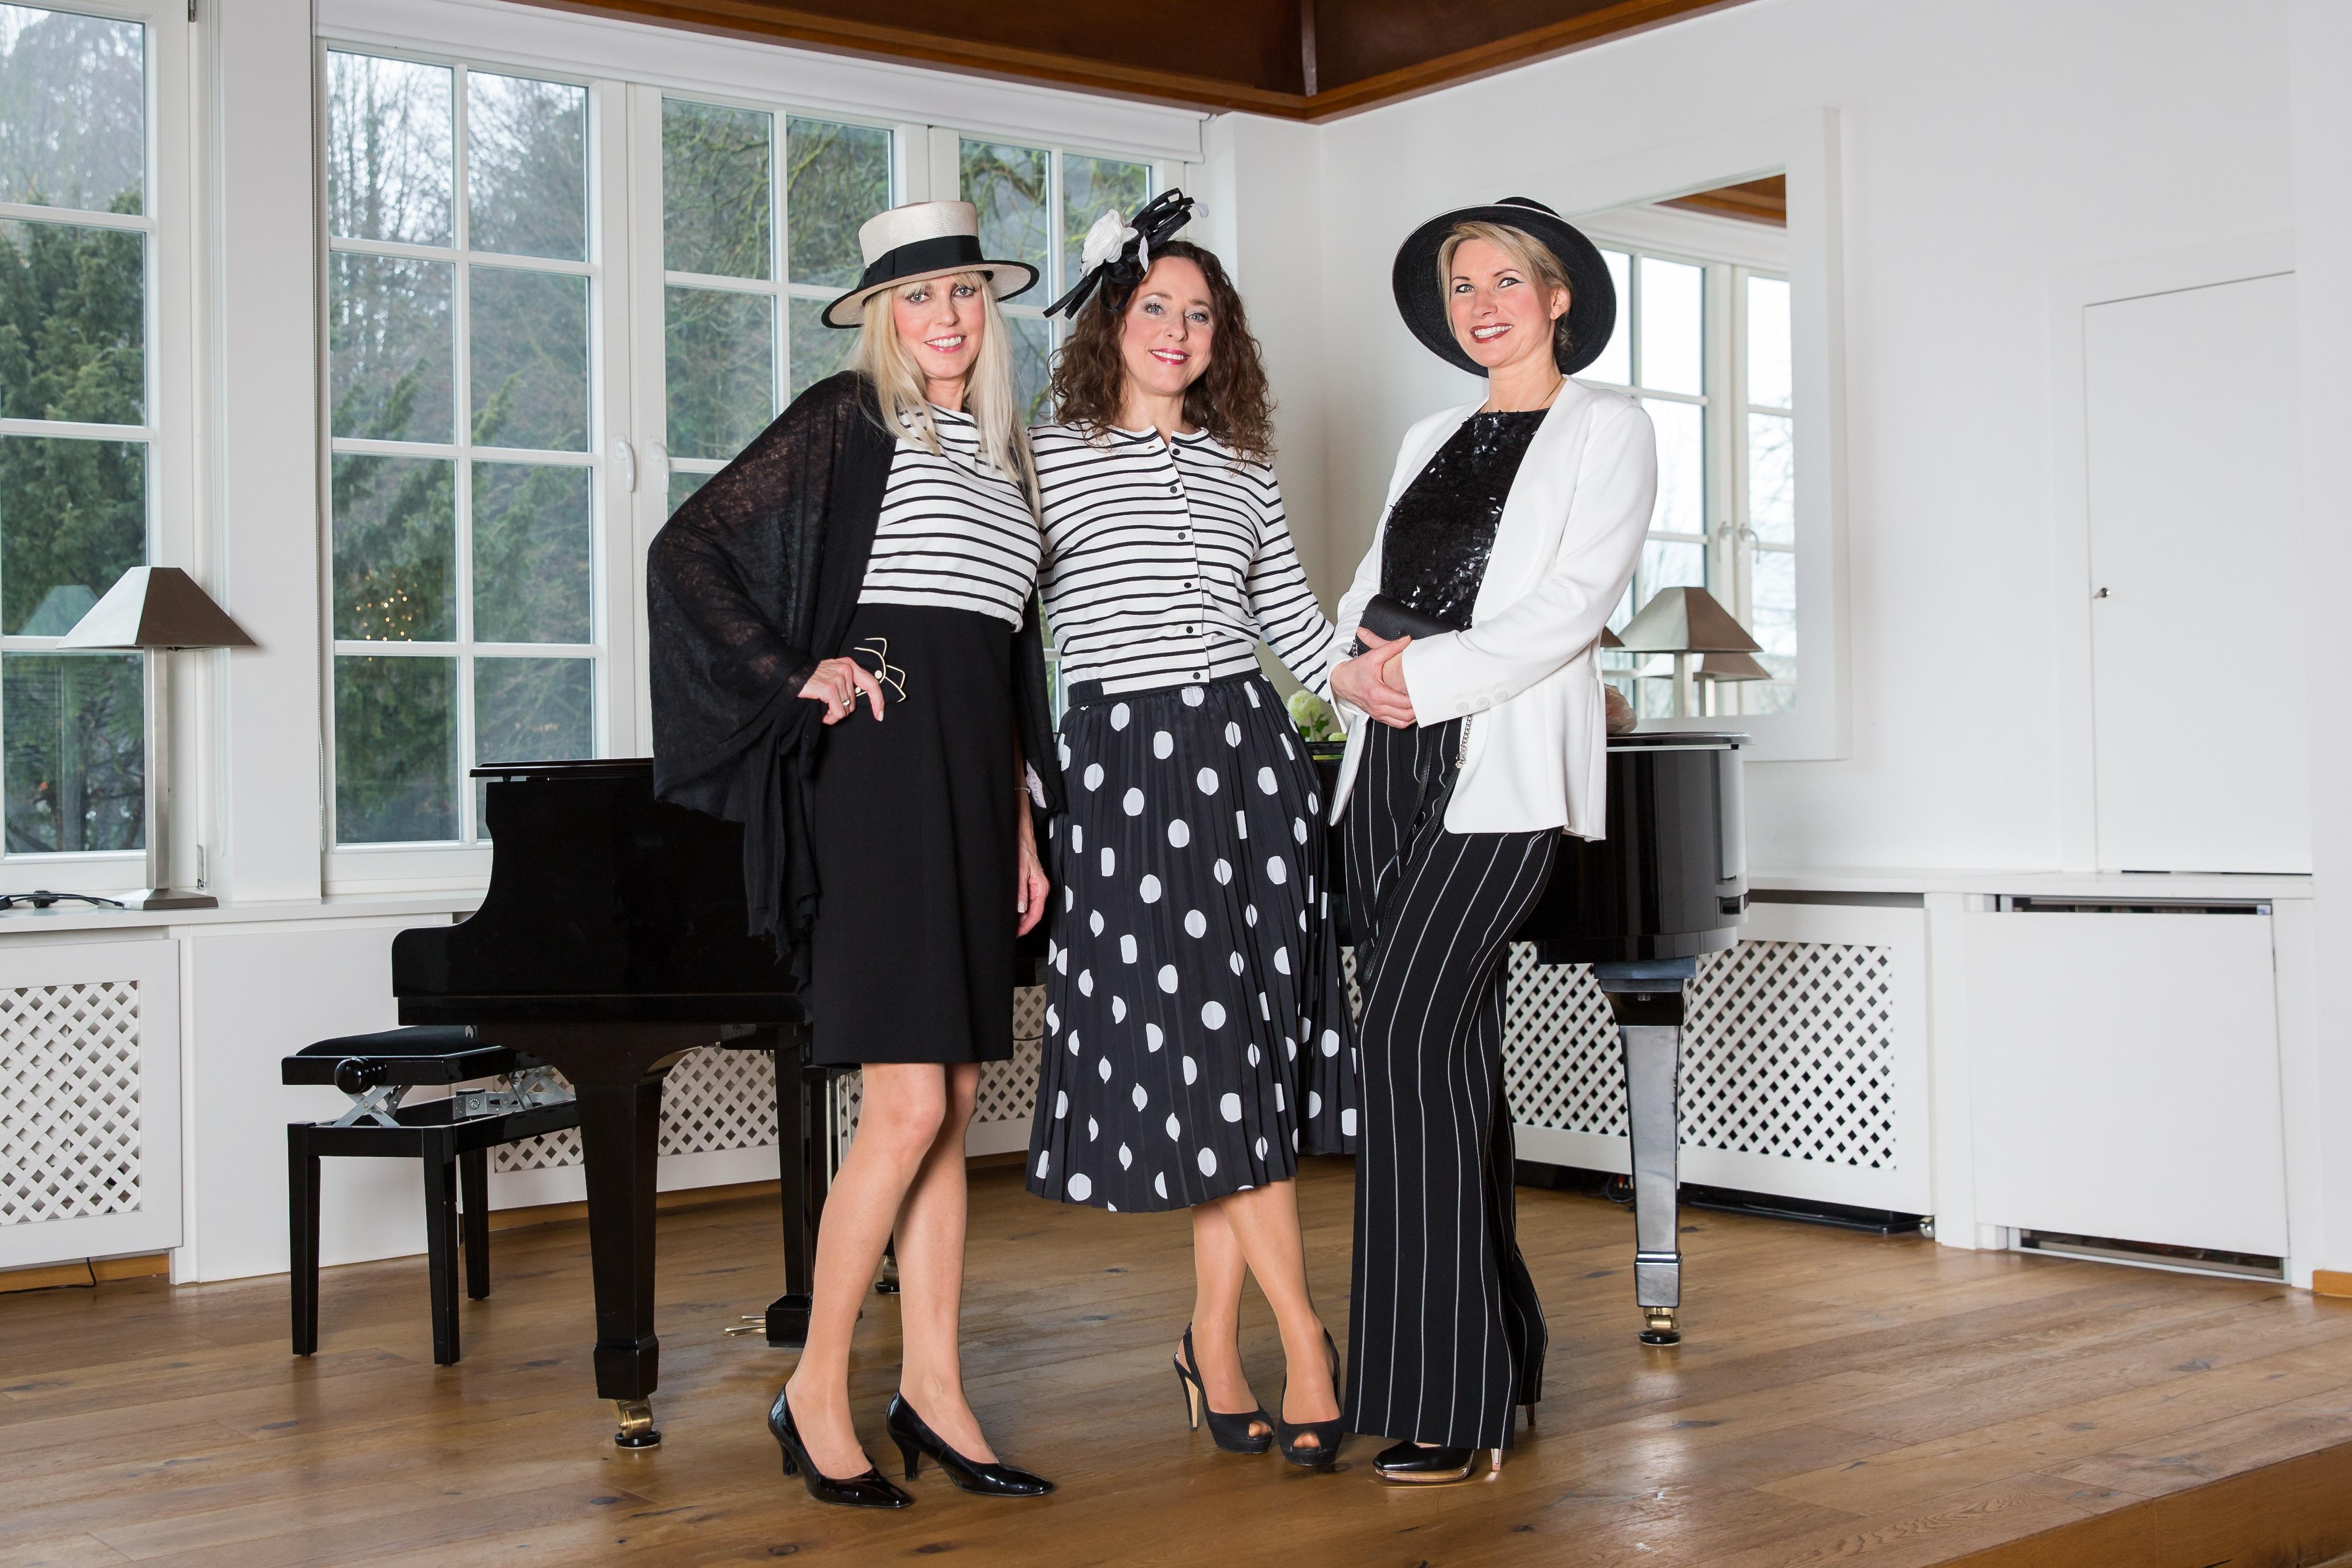 3 Frauen  schwarz/weiß gekleidet mit elegantem Strohhut und Fascinator